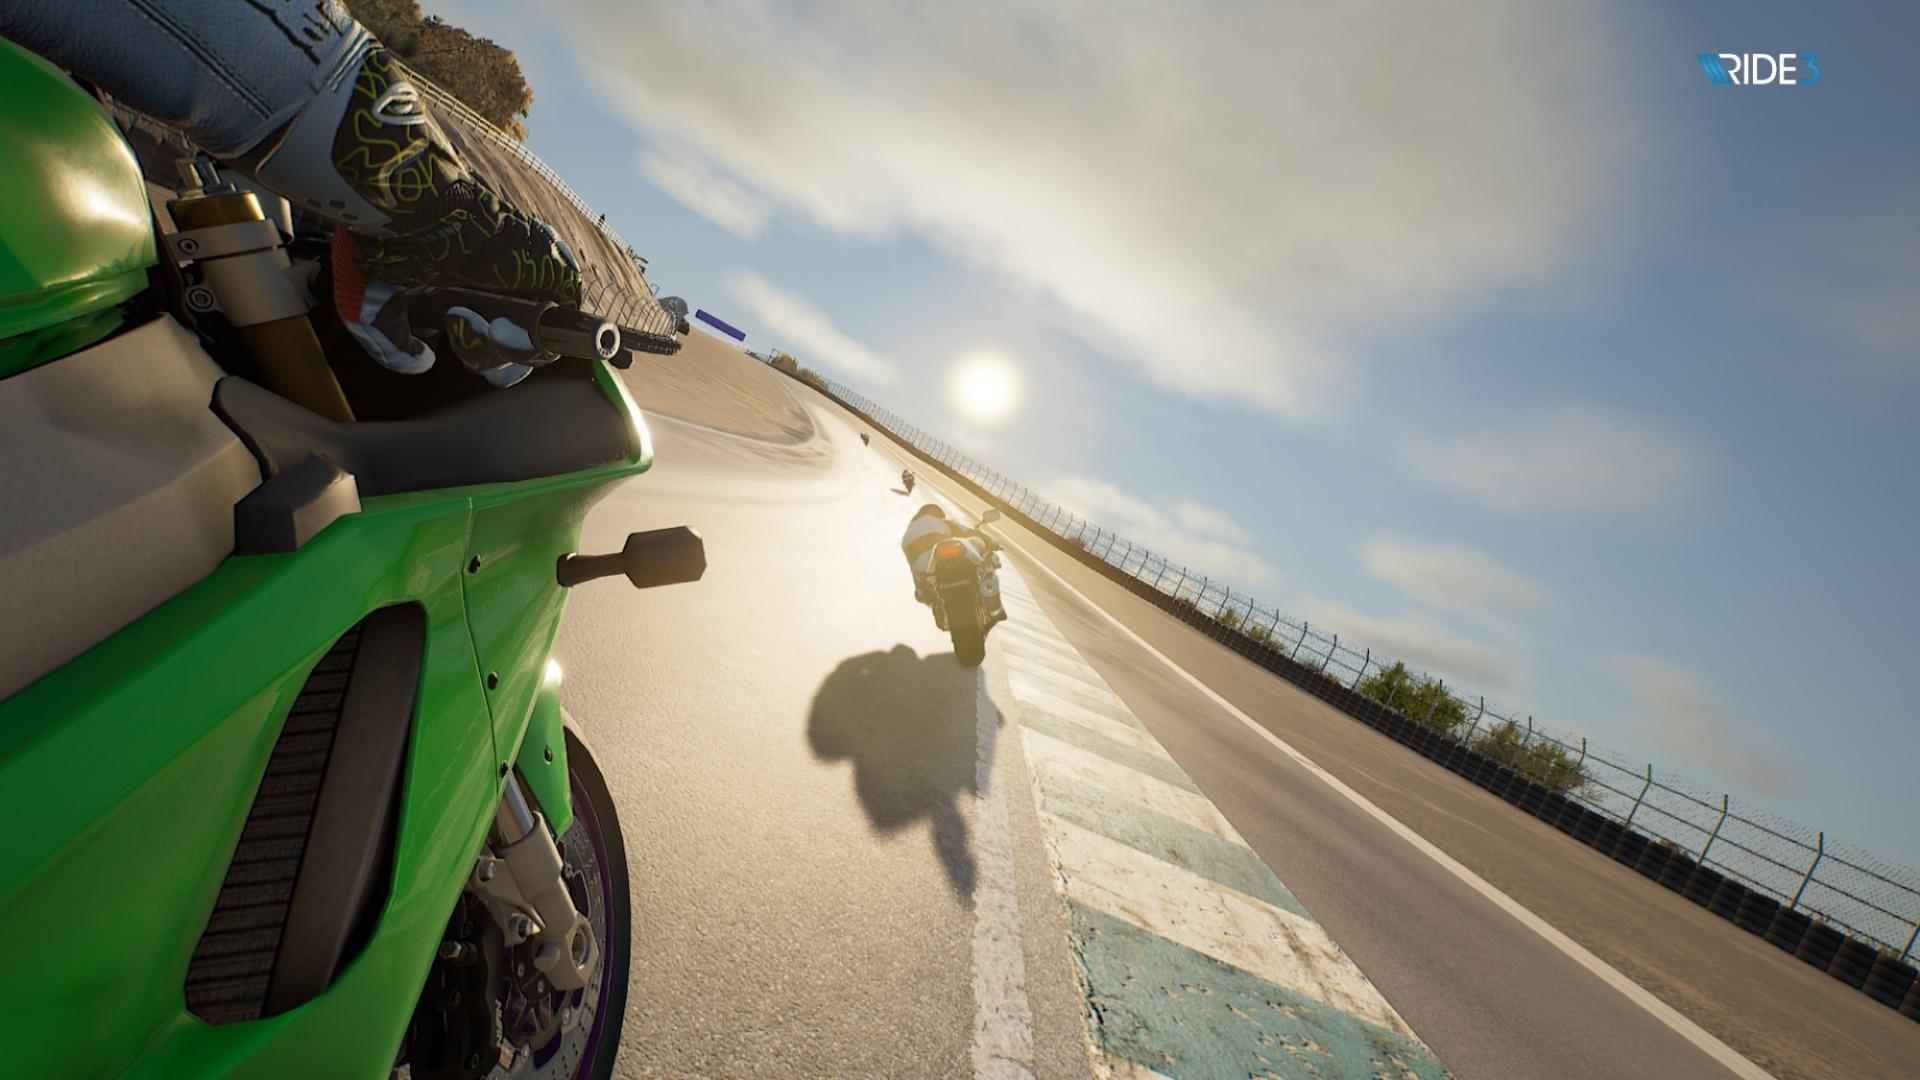 Análisis Ride 3, así luce el mejor título de dos ruedas